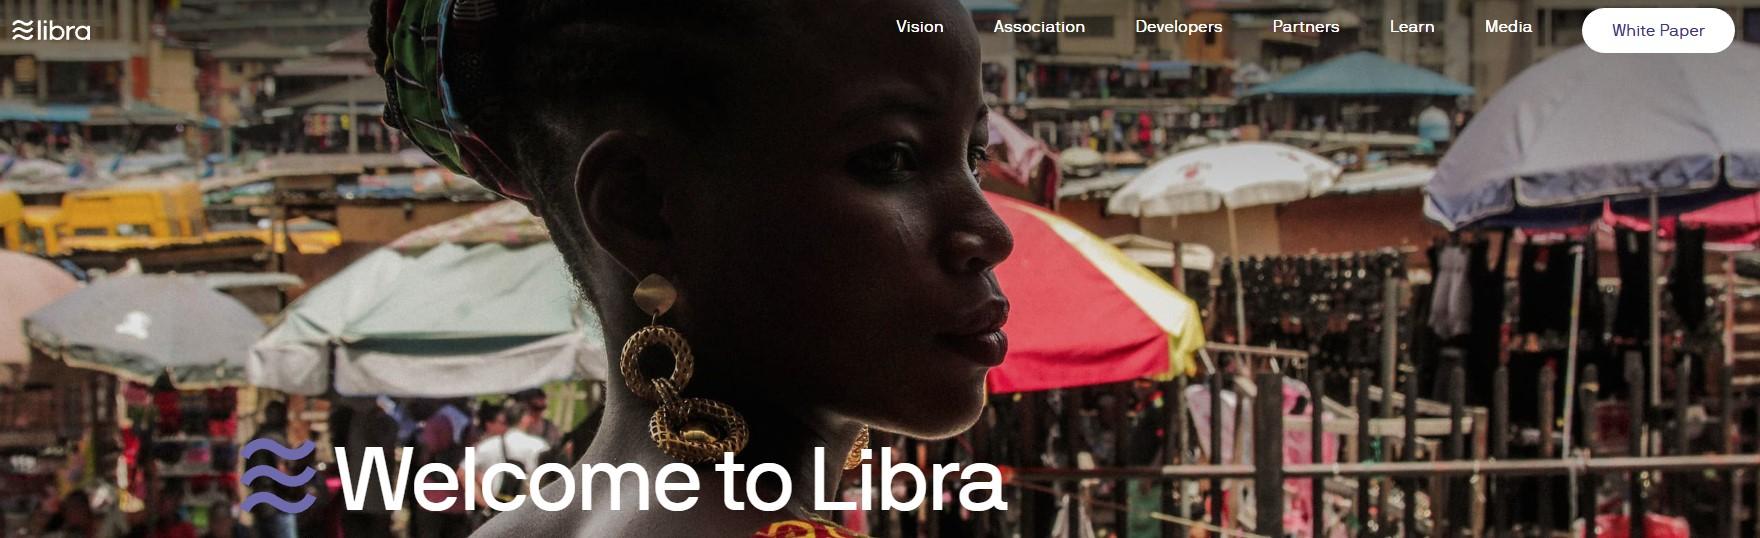 Libra, la cryptomonnaie de Facebook